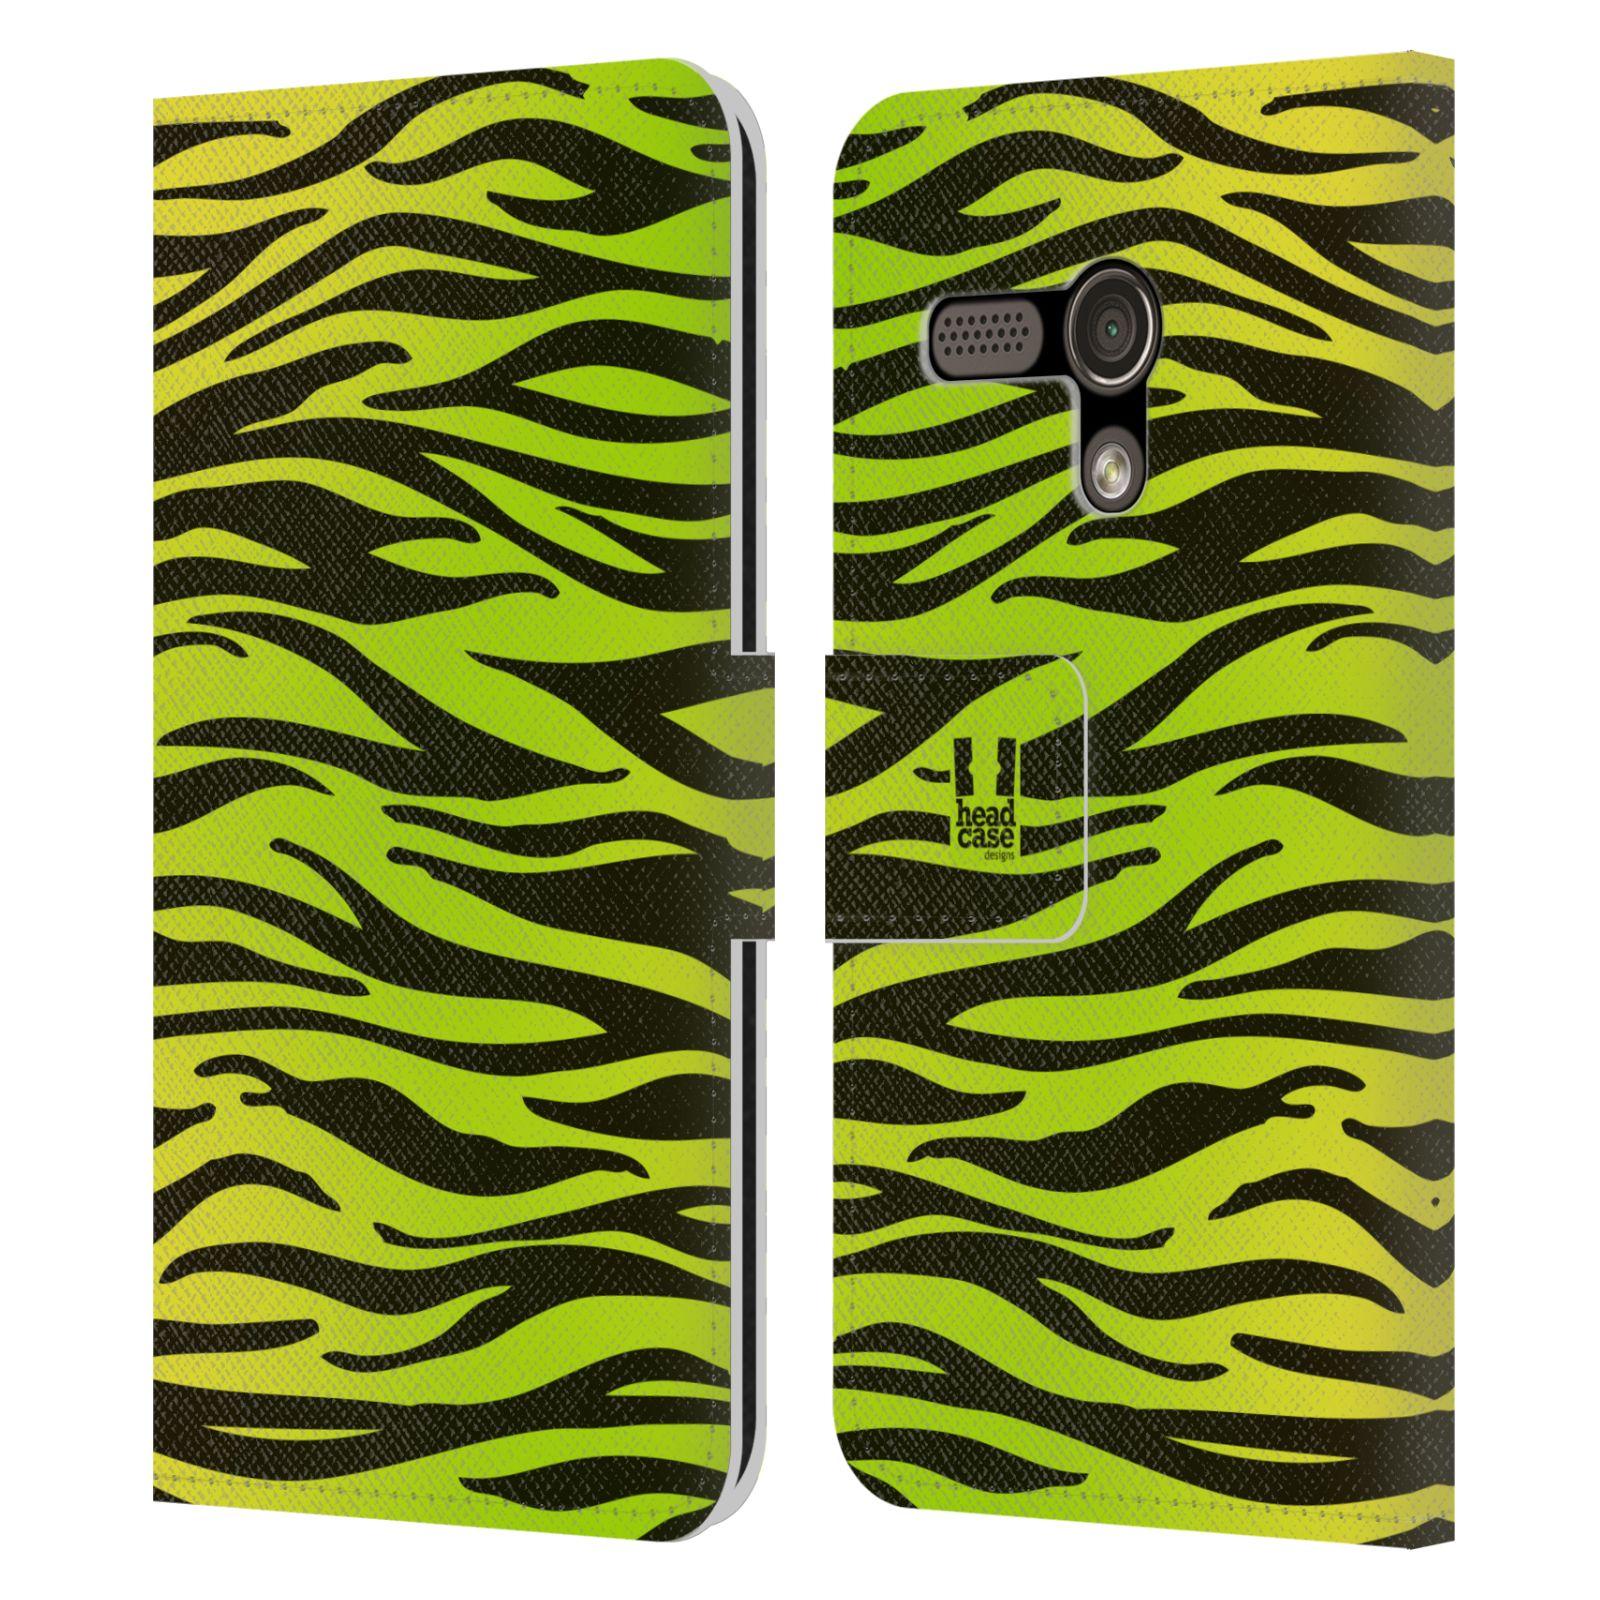 HEAD CASE Flipové pouzdro pro mobil MOTOROLA MOTO G Zvířecí barevné vzory žlutozelená zebra